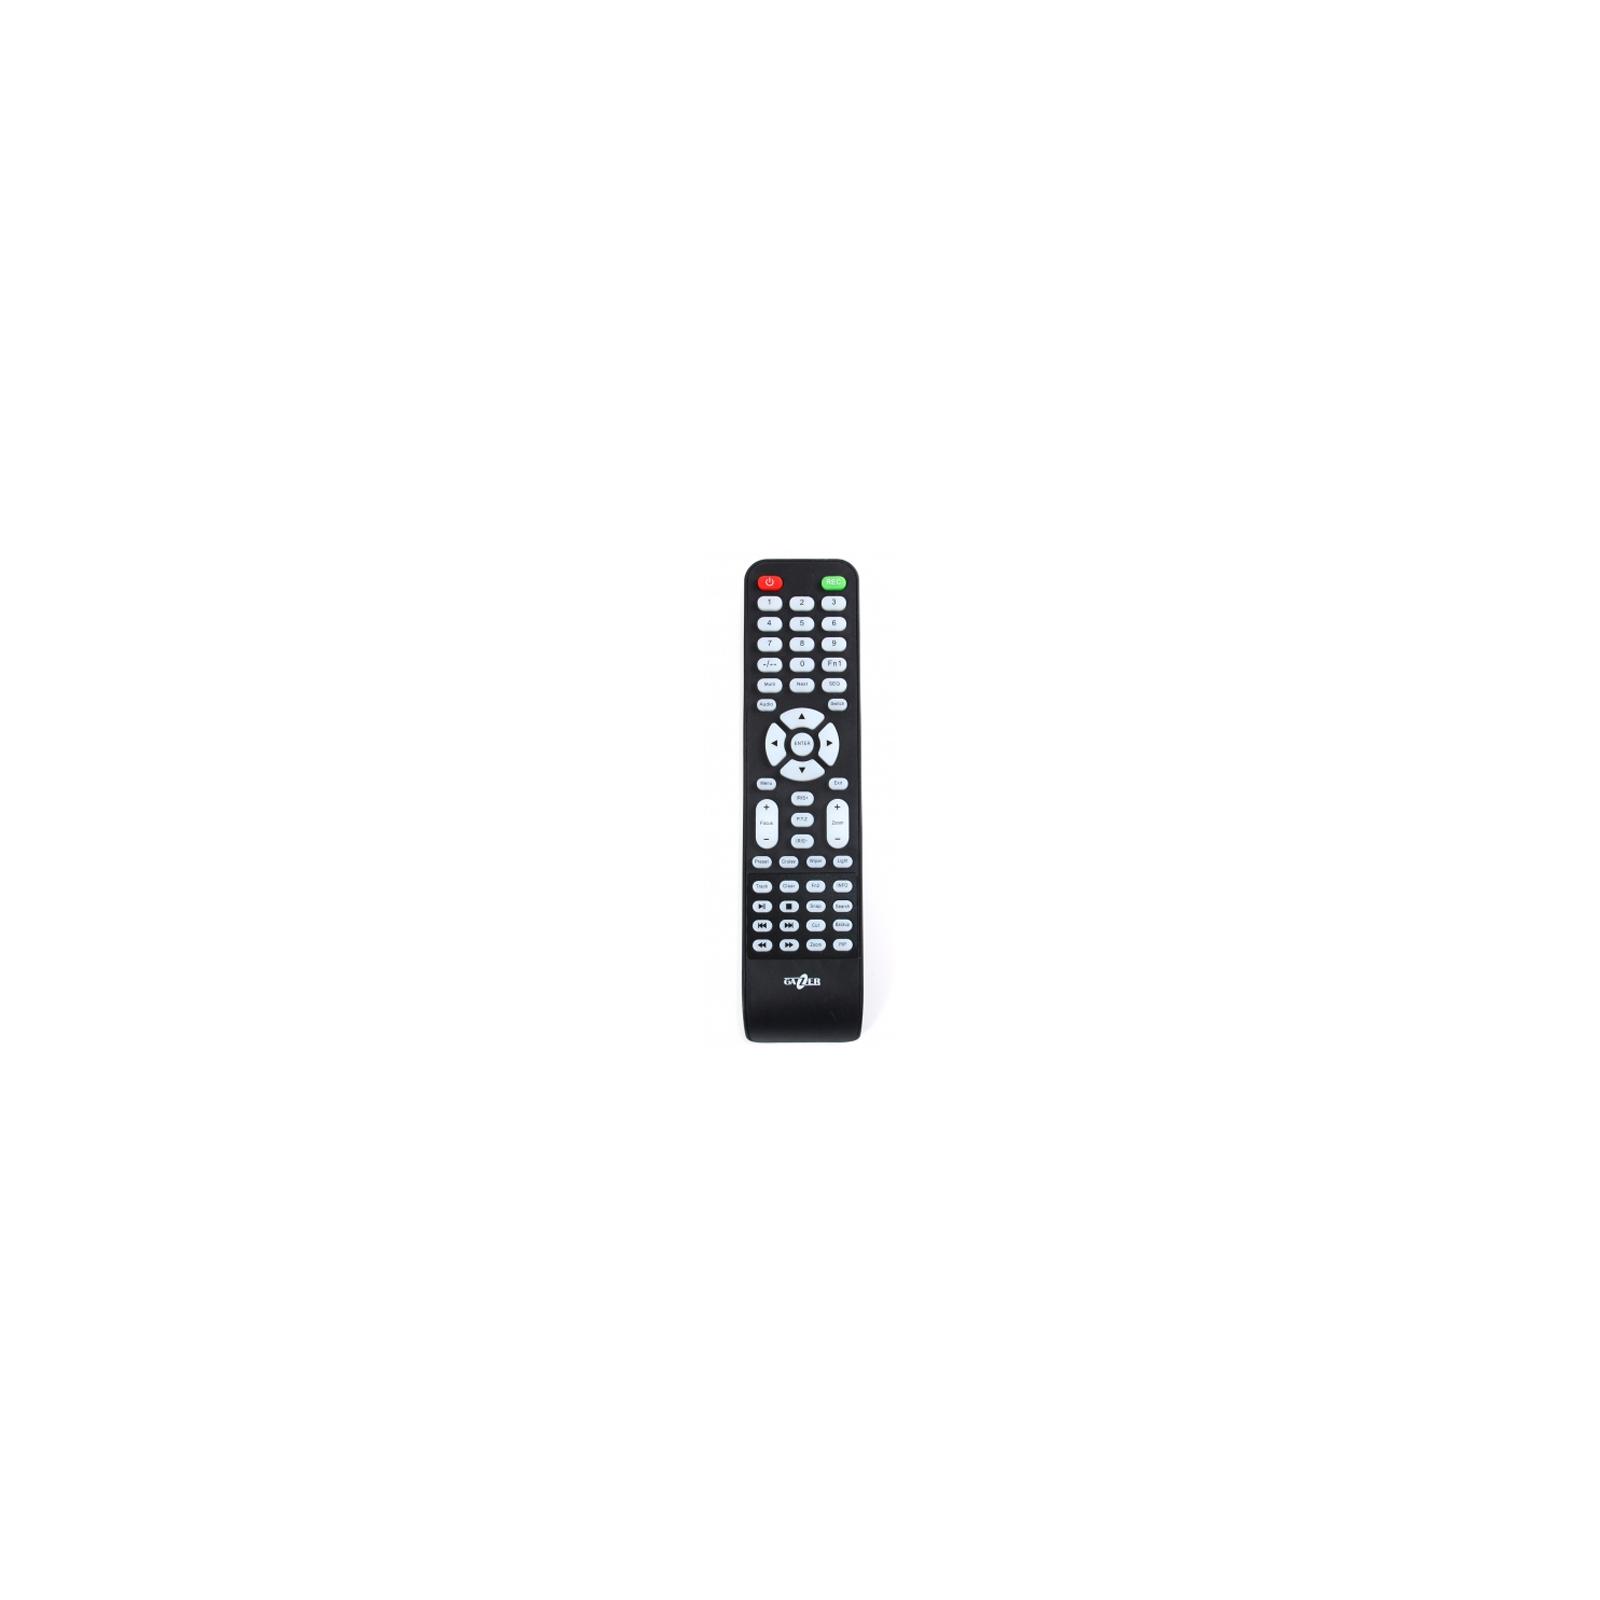 Регистратор для видеонаблюдения Gazer NF308me изображение 6